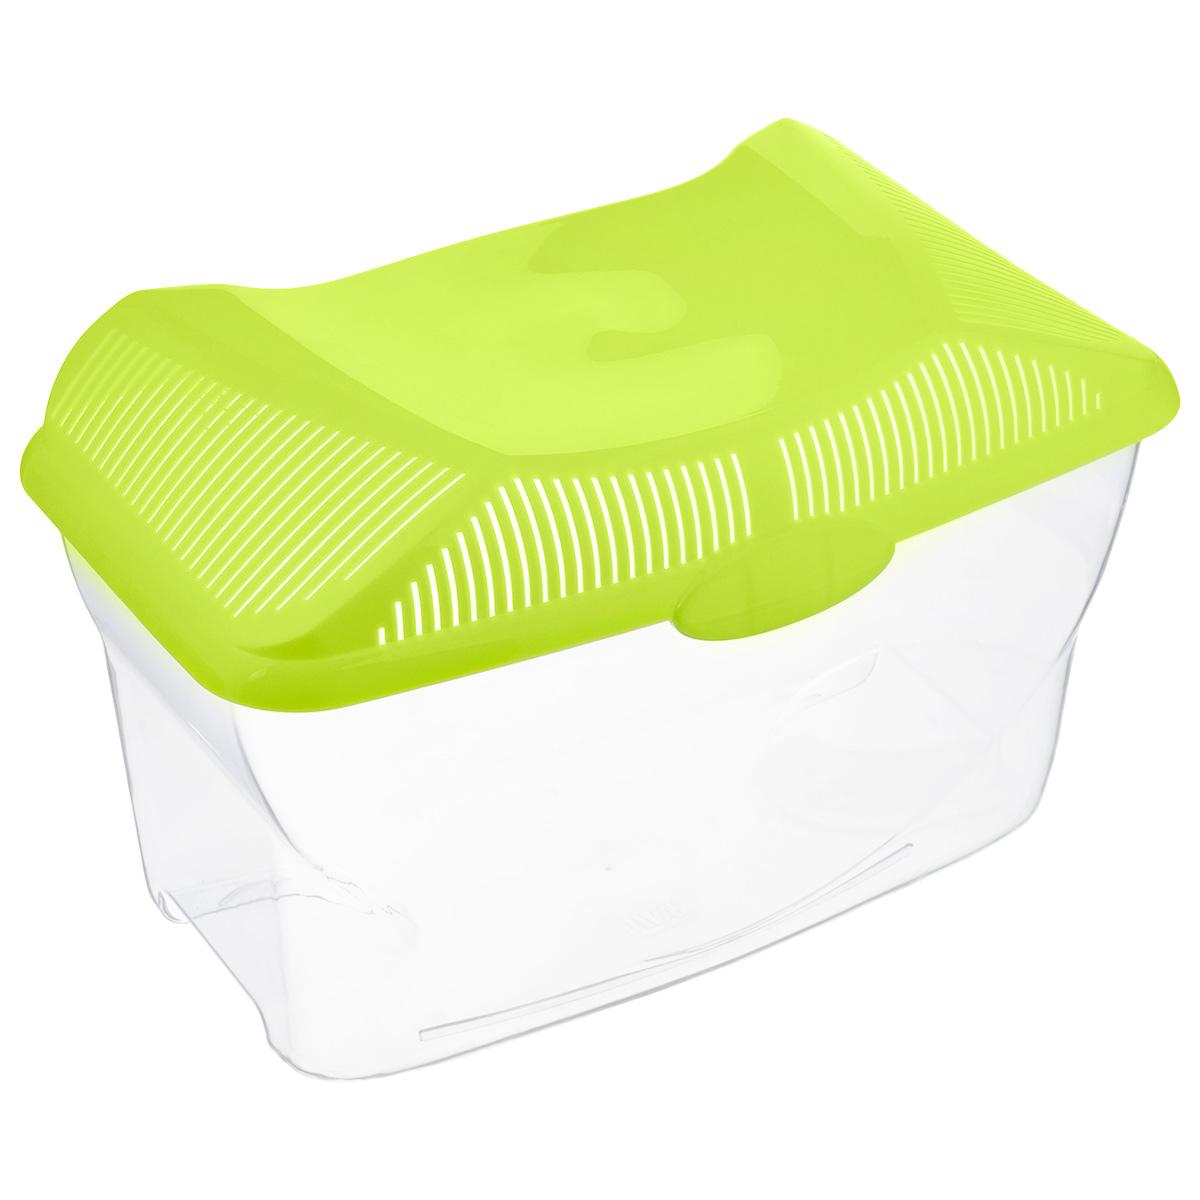 Аквариум-террариум Savic  Aqua Smile , цвет: прозрачный, салатовый, 9 л